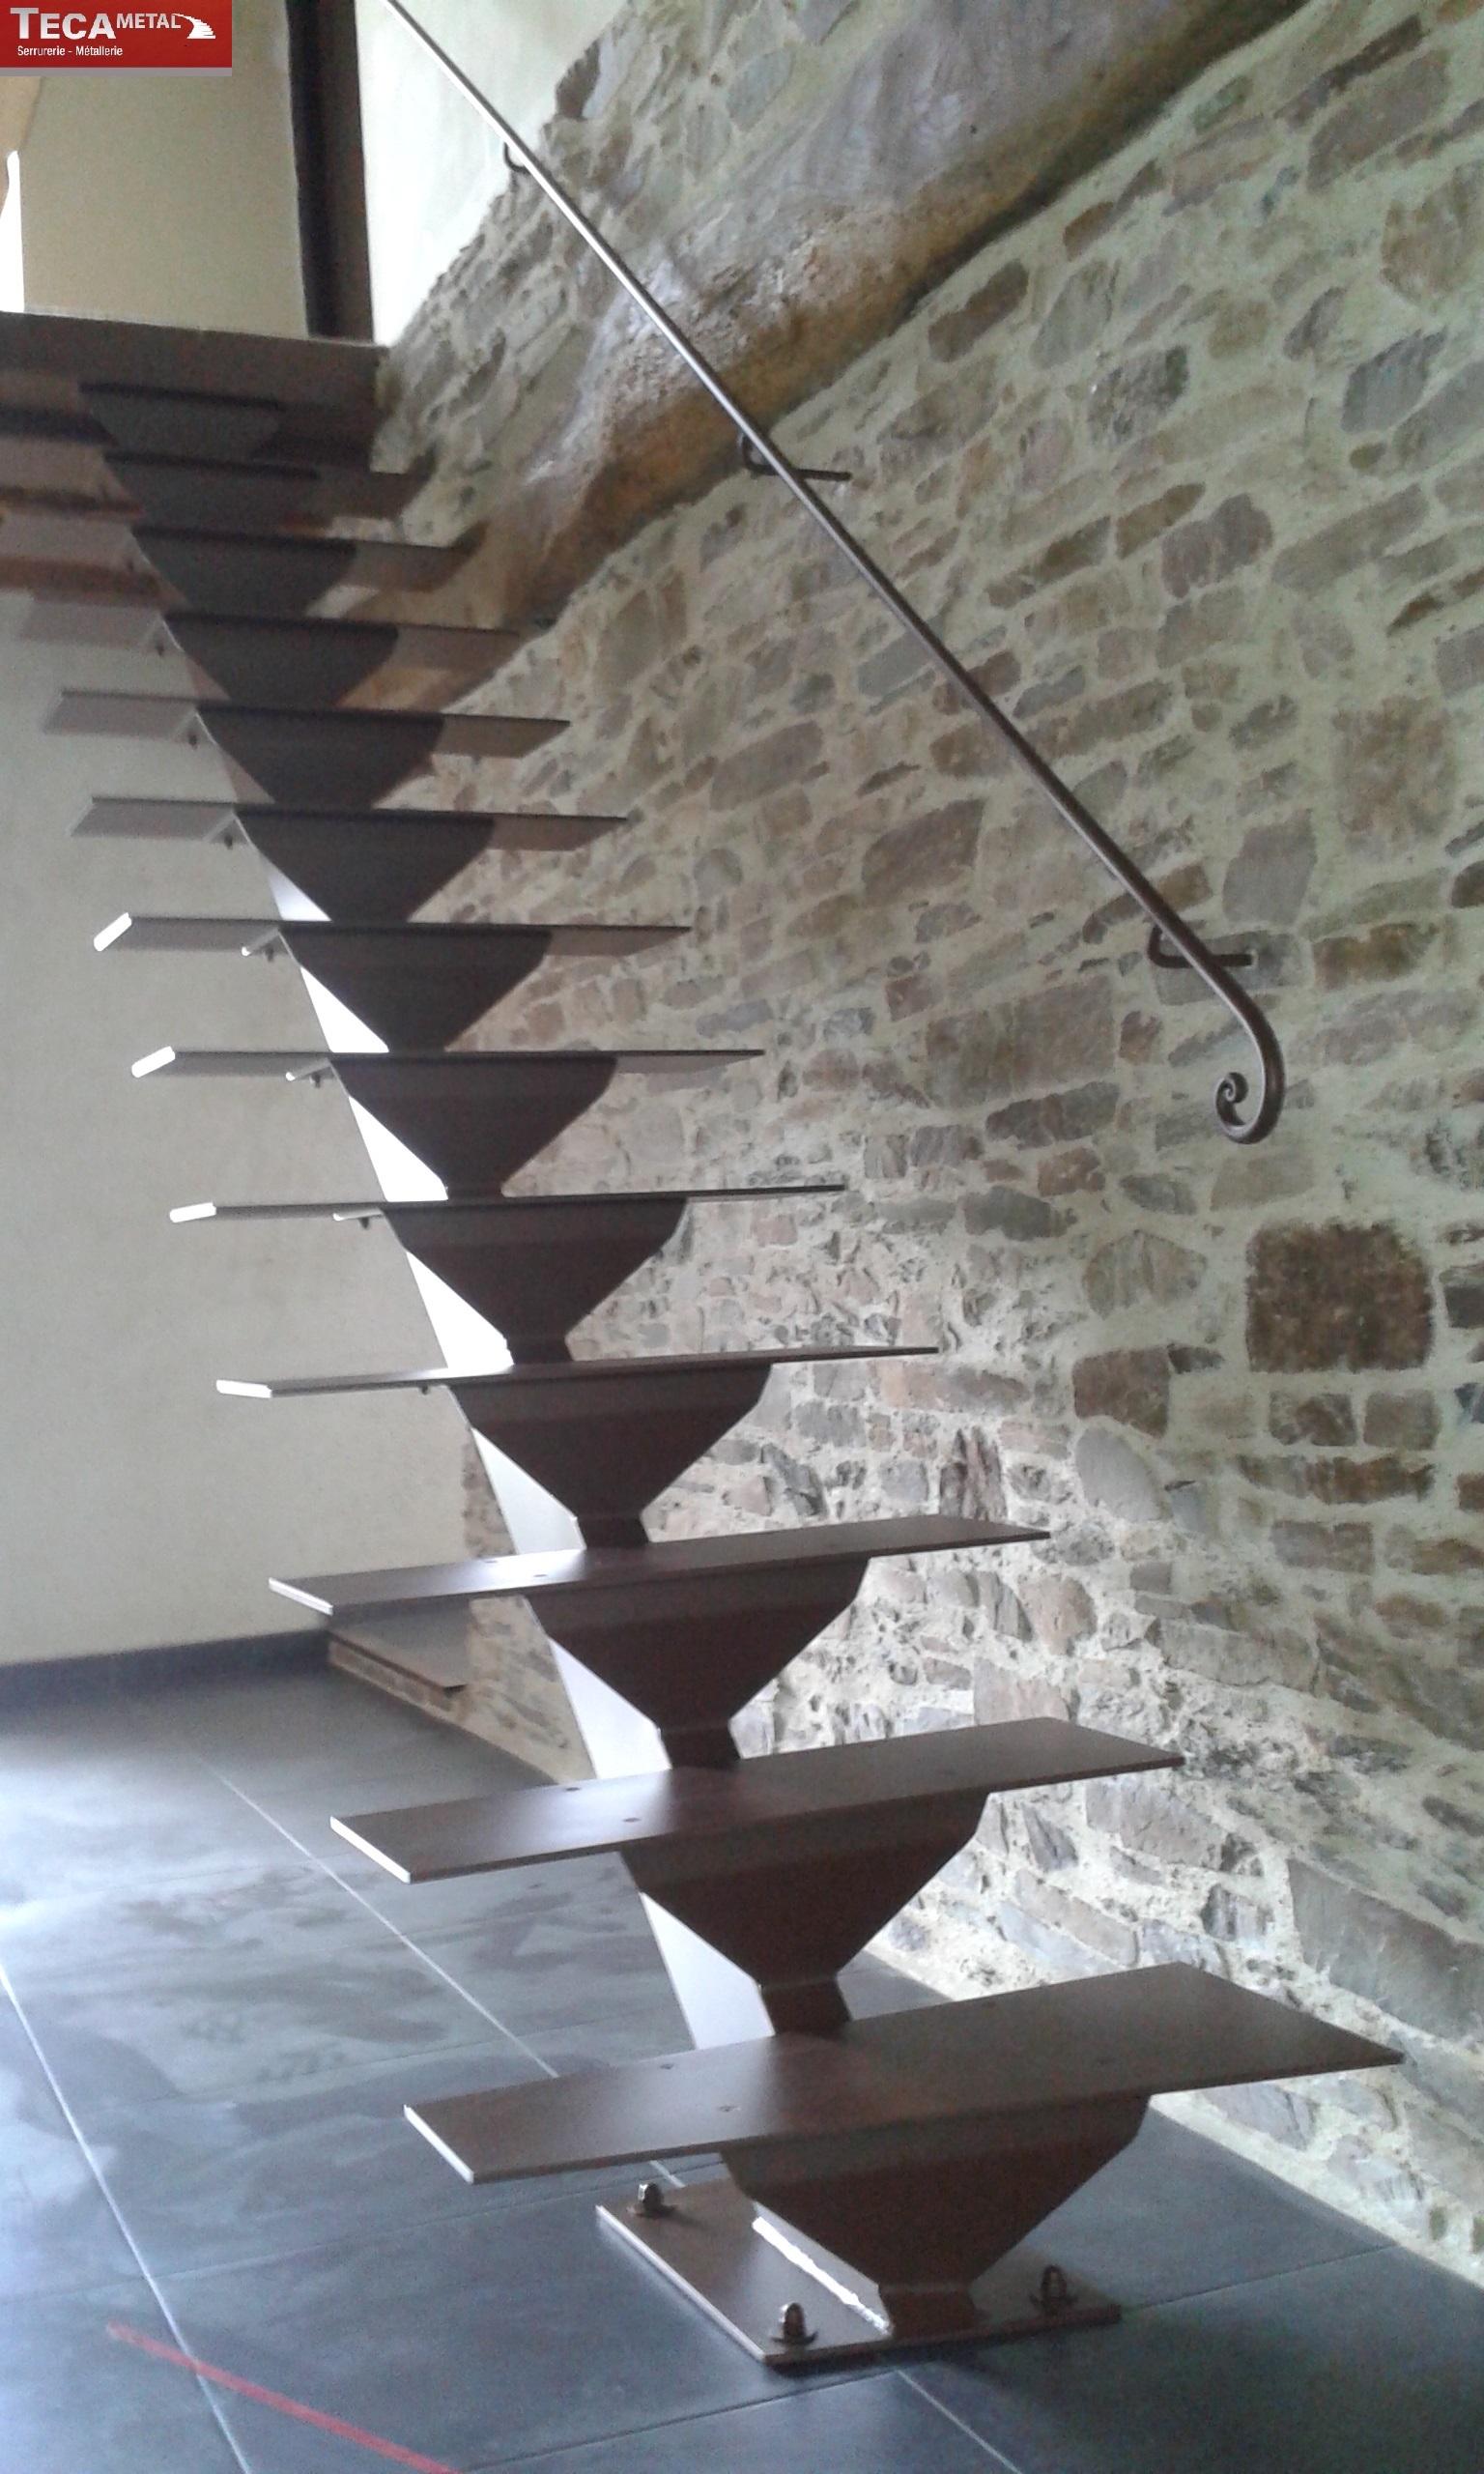 Escalier Limon central Modle Le Fameux  TECAMETAL